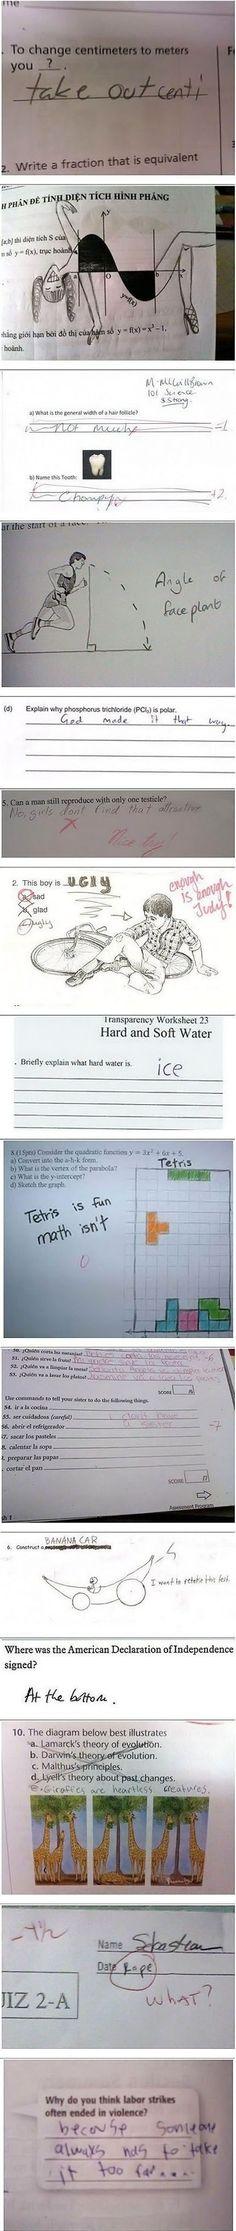 How to fail a test